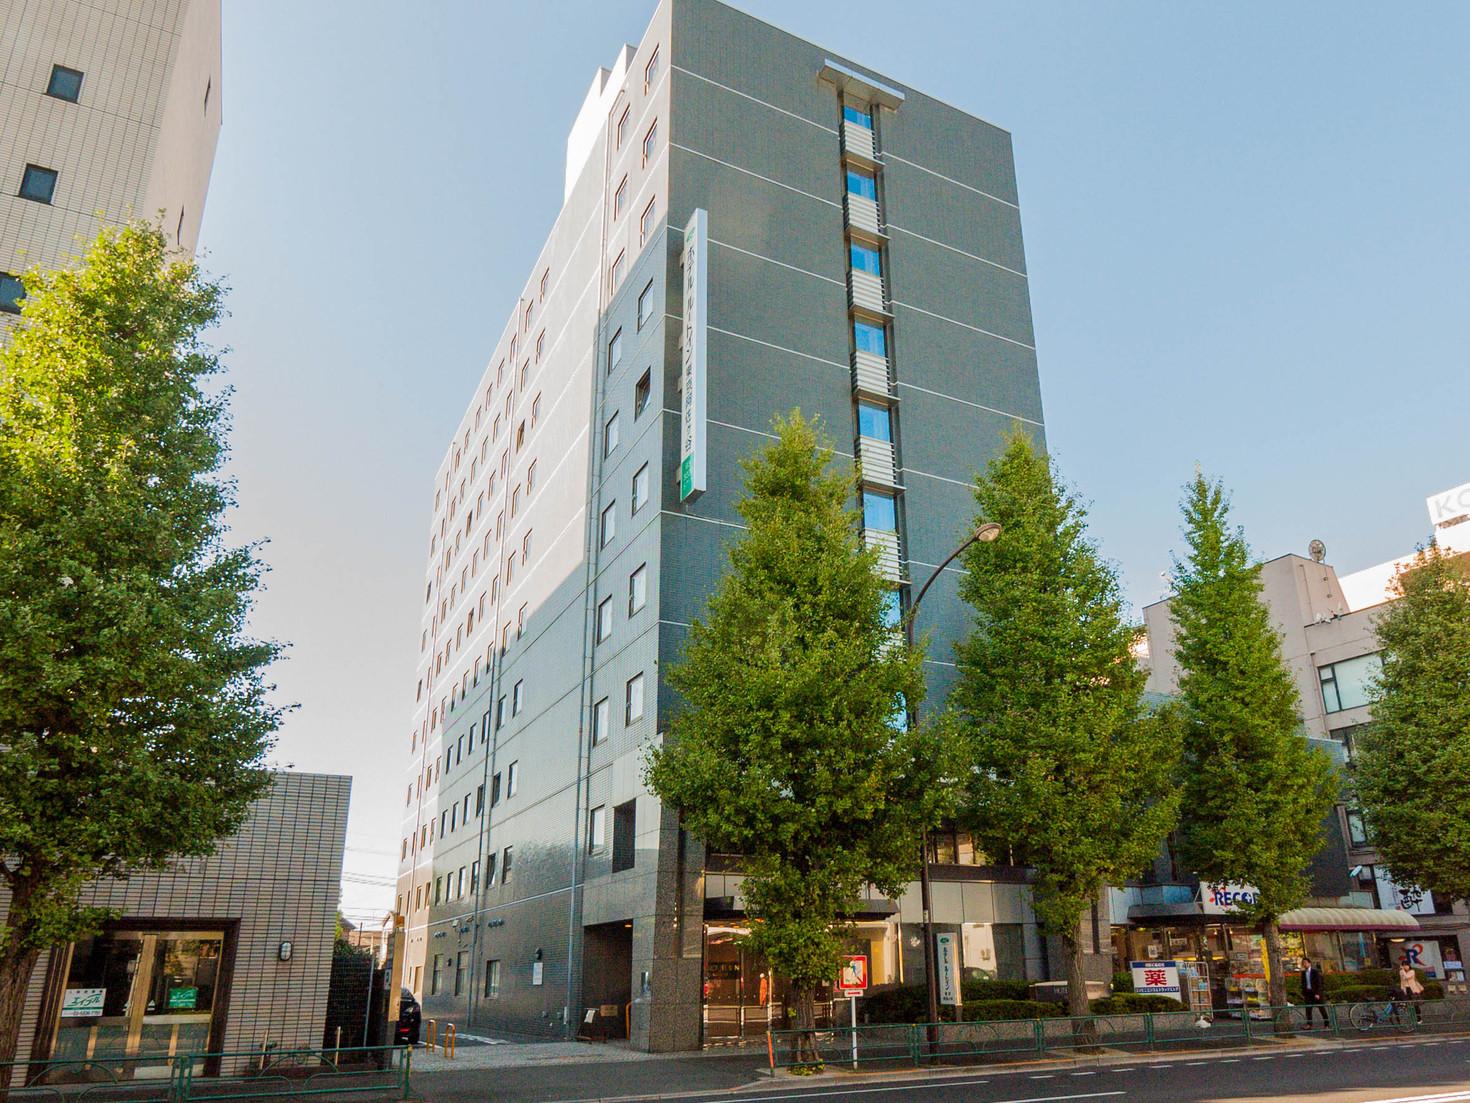 ホテルルートイン東京阿佐ヶ谷